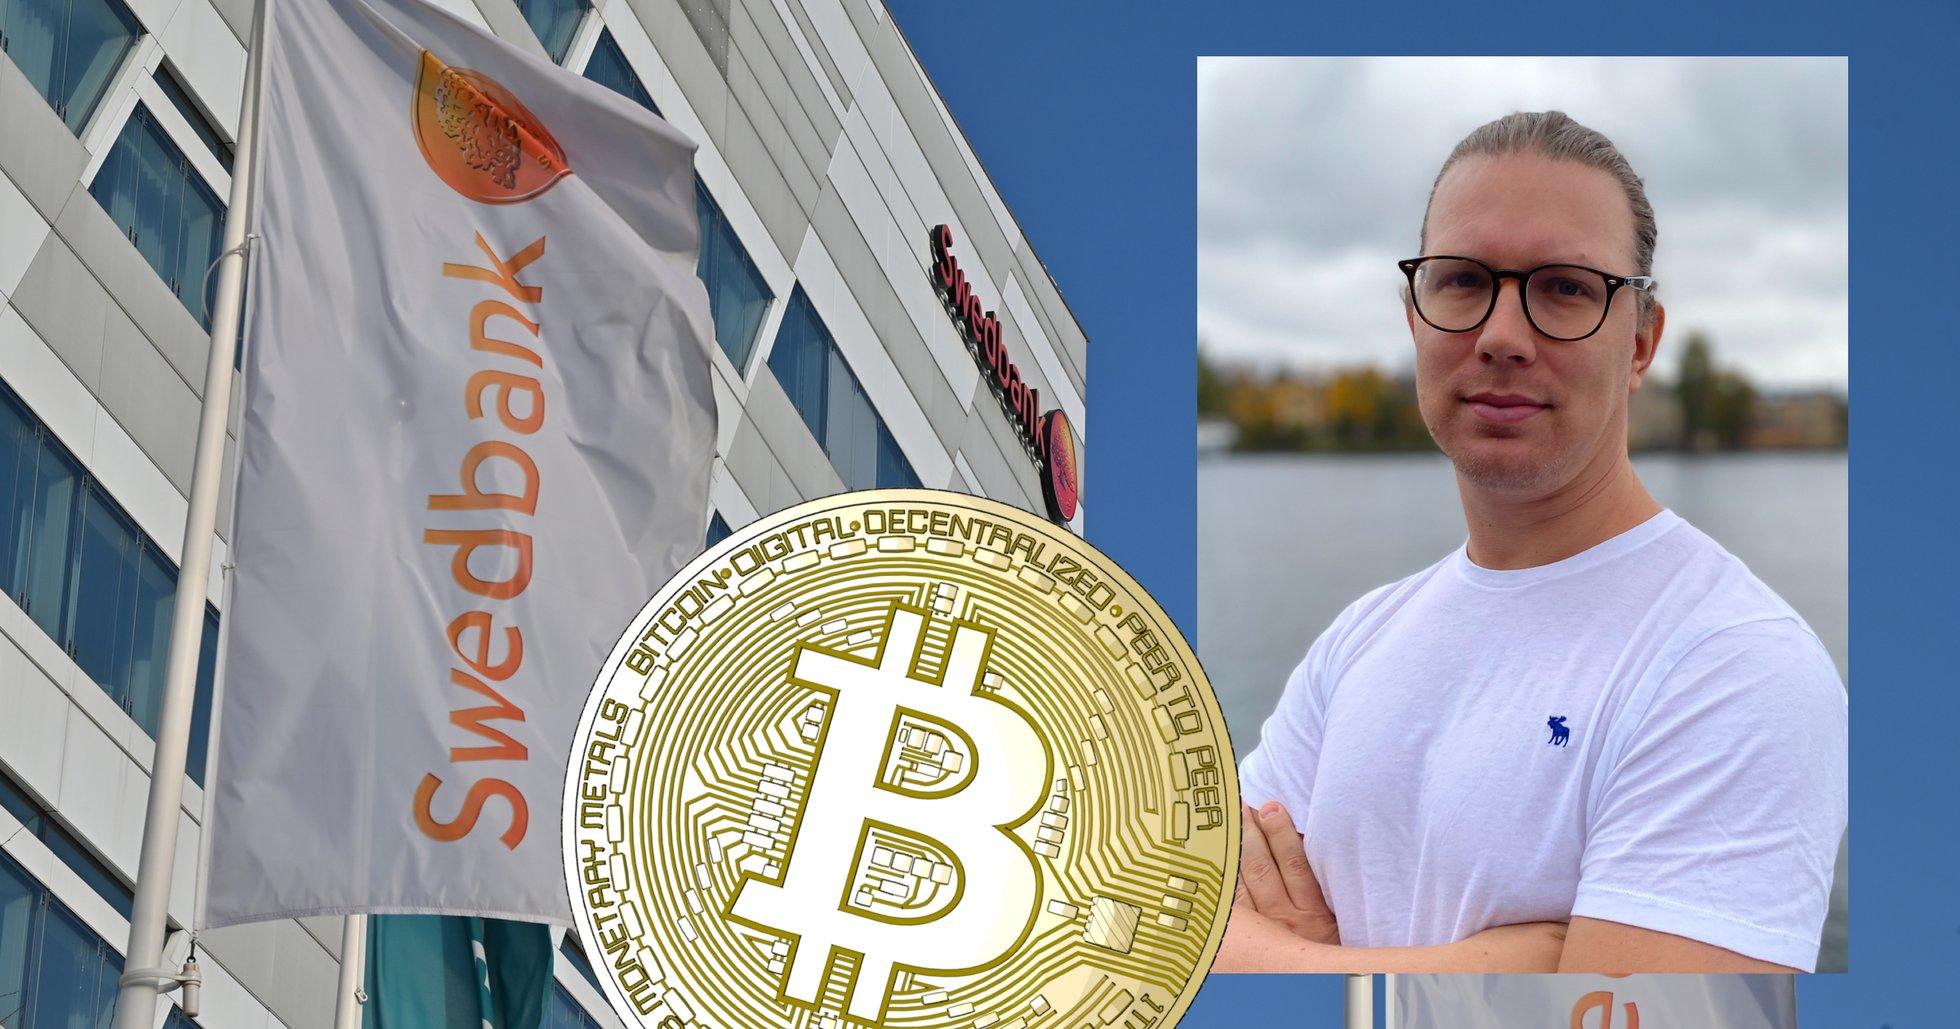 Martin Byström: Vanliga svenskar får lida för att bankerna inte har koll.